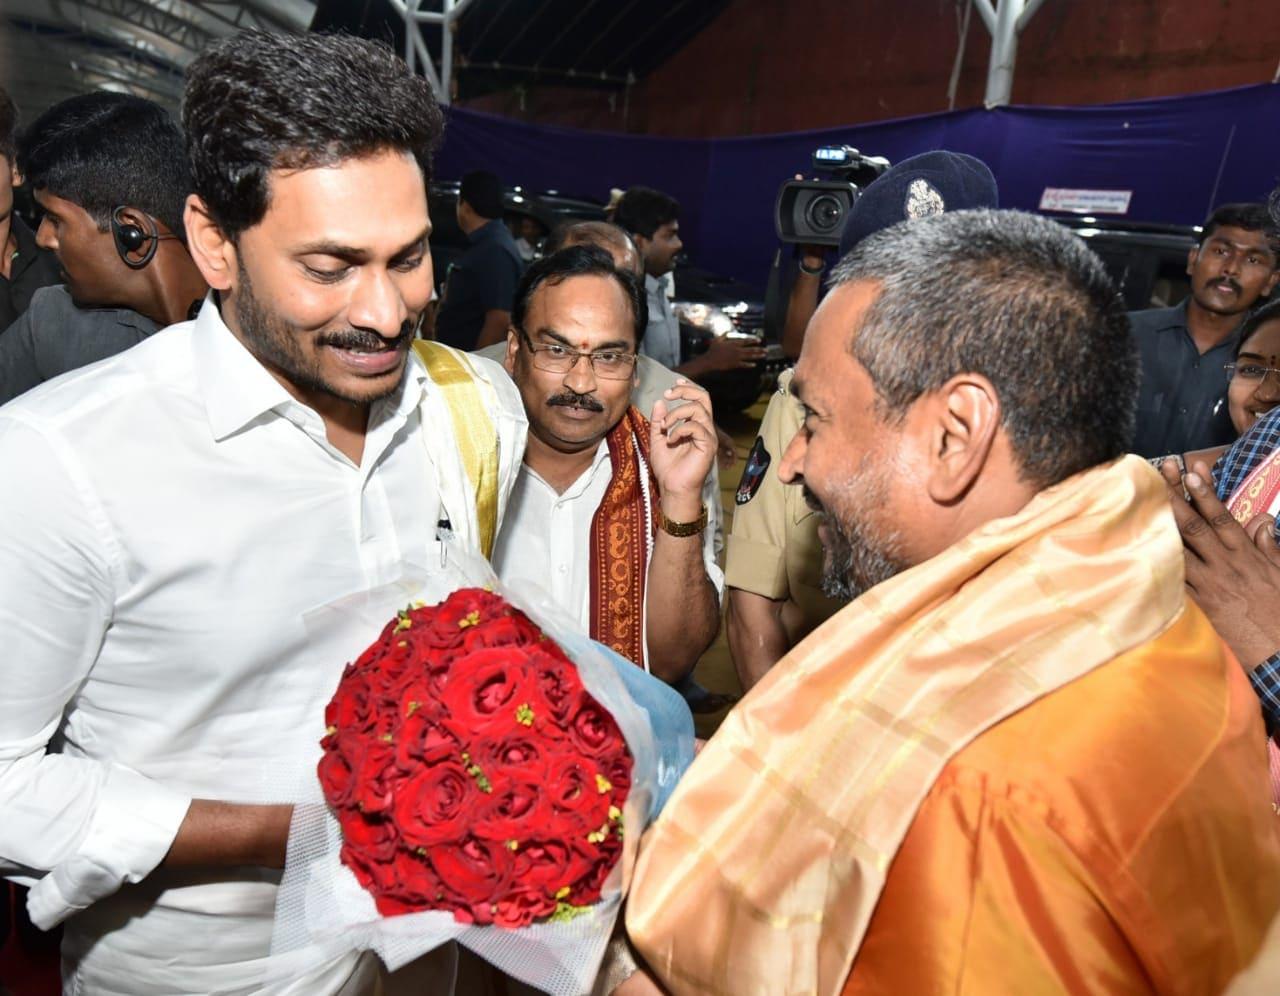 విజయవాడ కనకదుర్గమ్మను దర్శించుకున్న సీఎం వైఎస్ జగన్